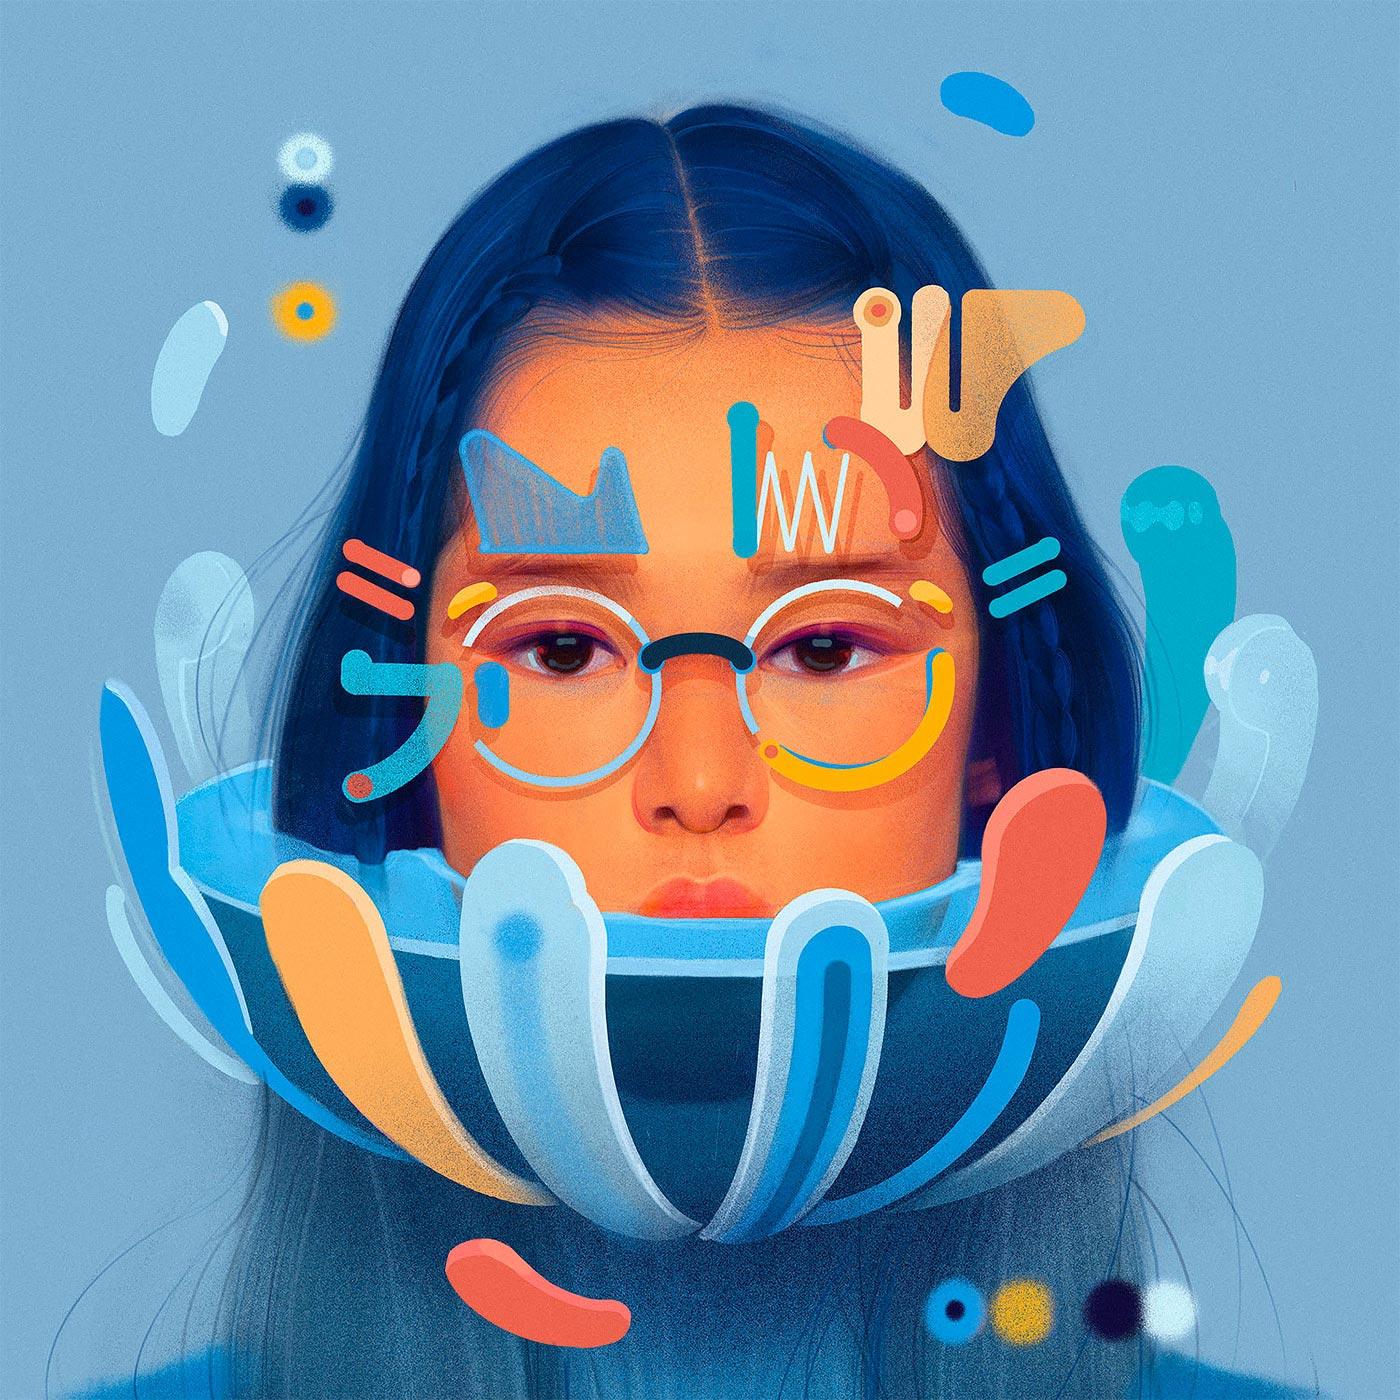 samuel-rodriguez-illustration2.jpg